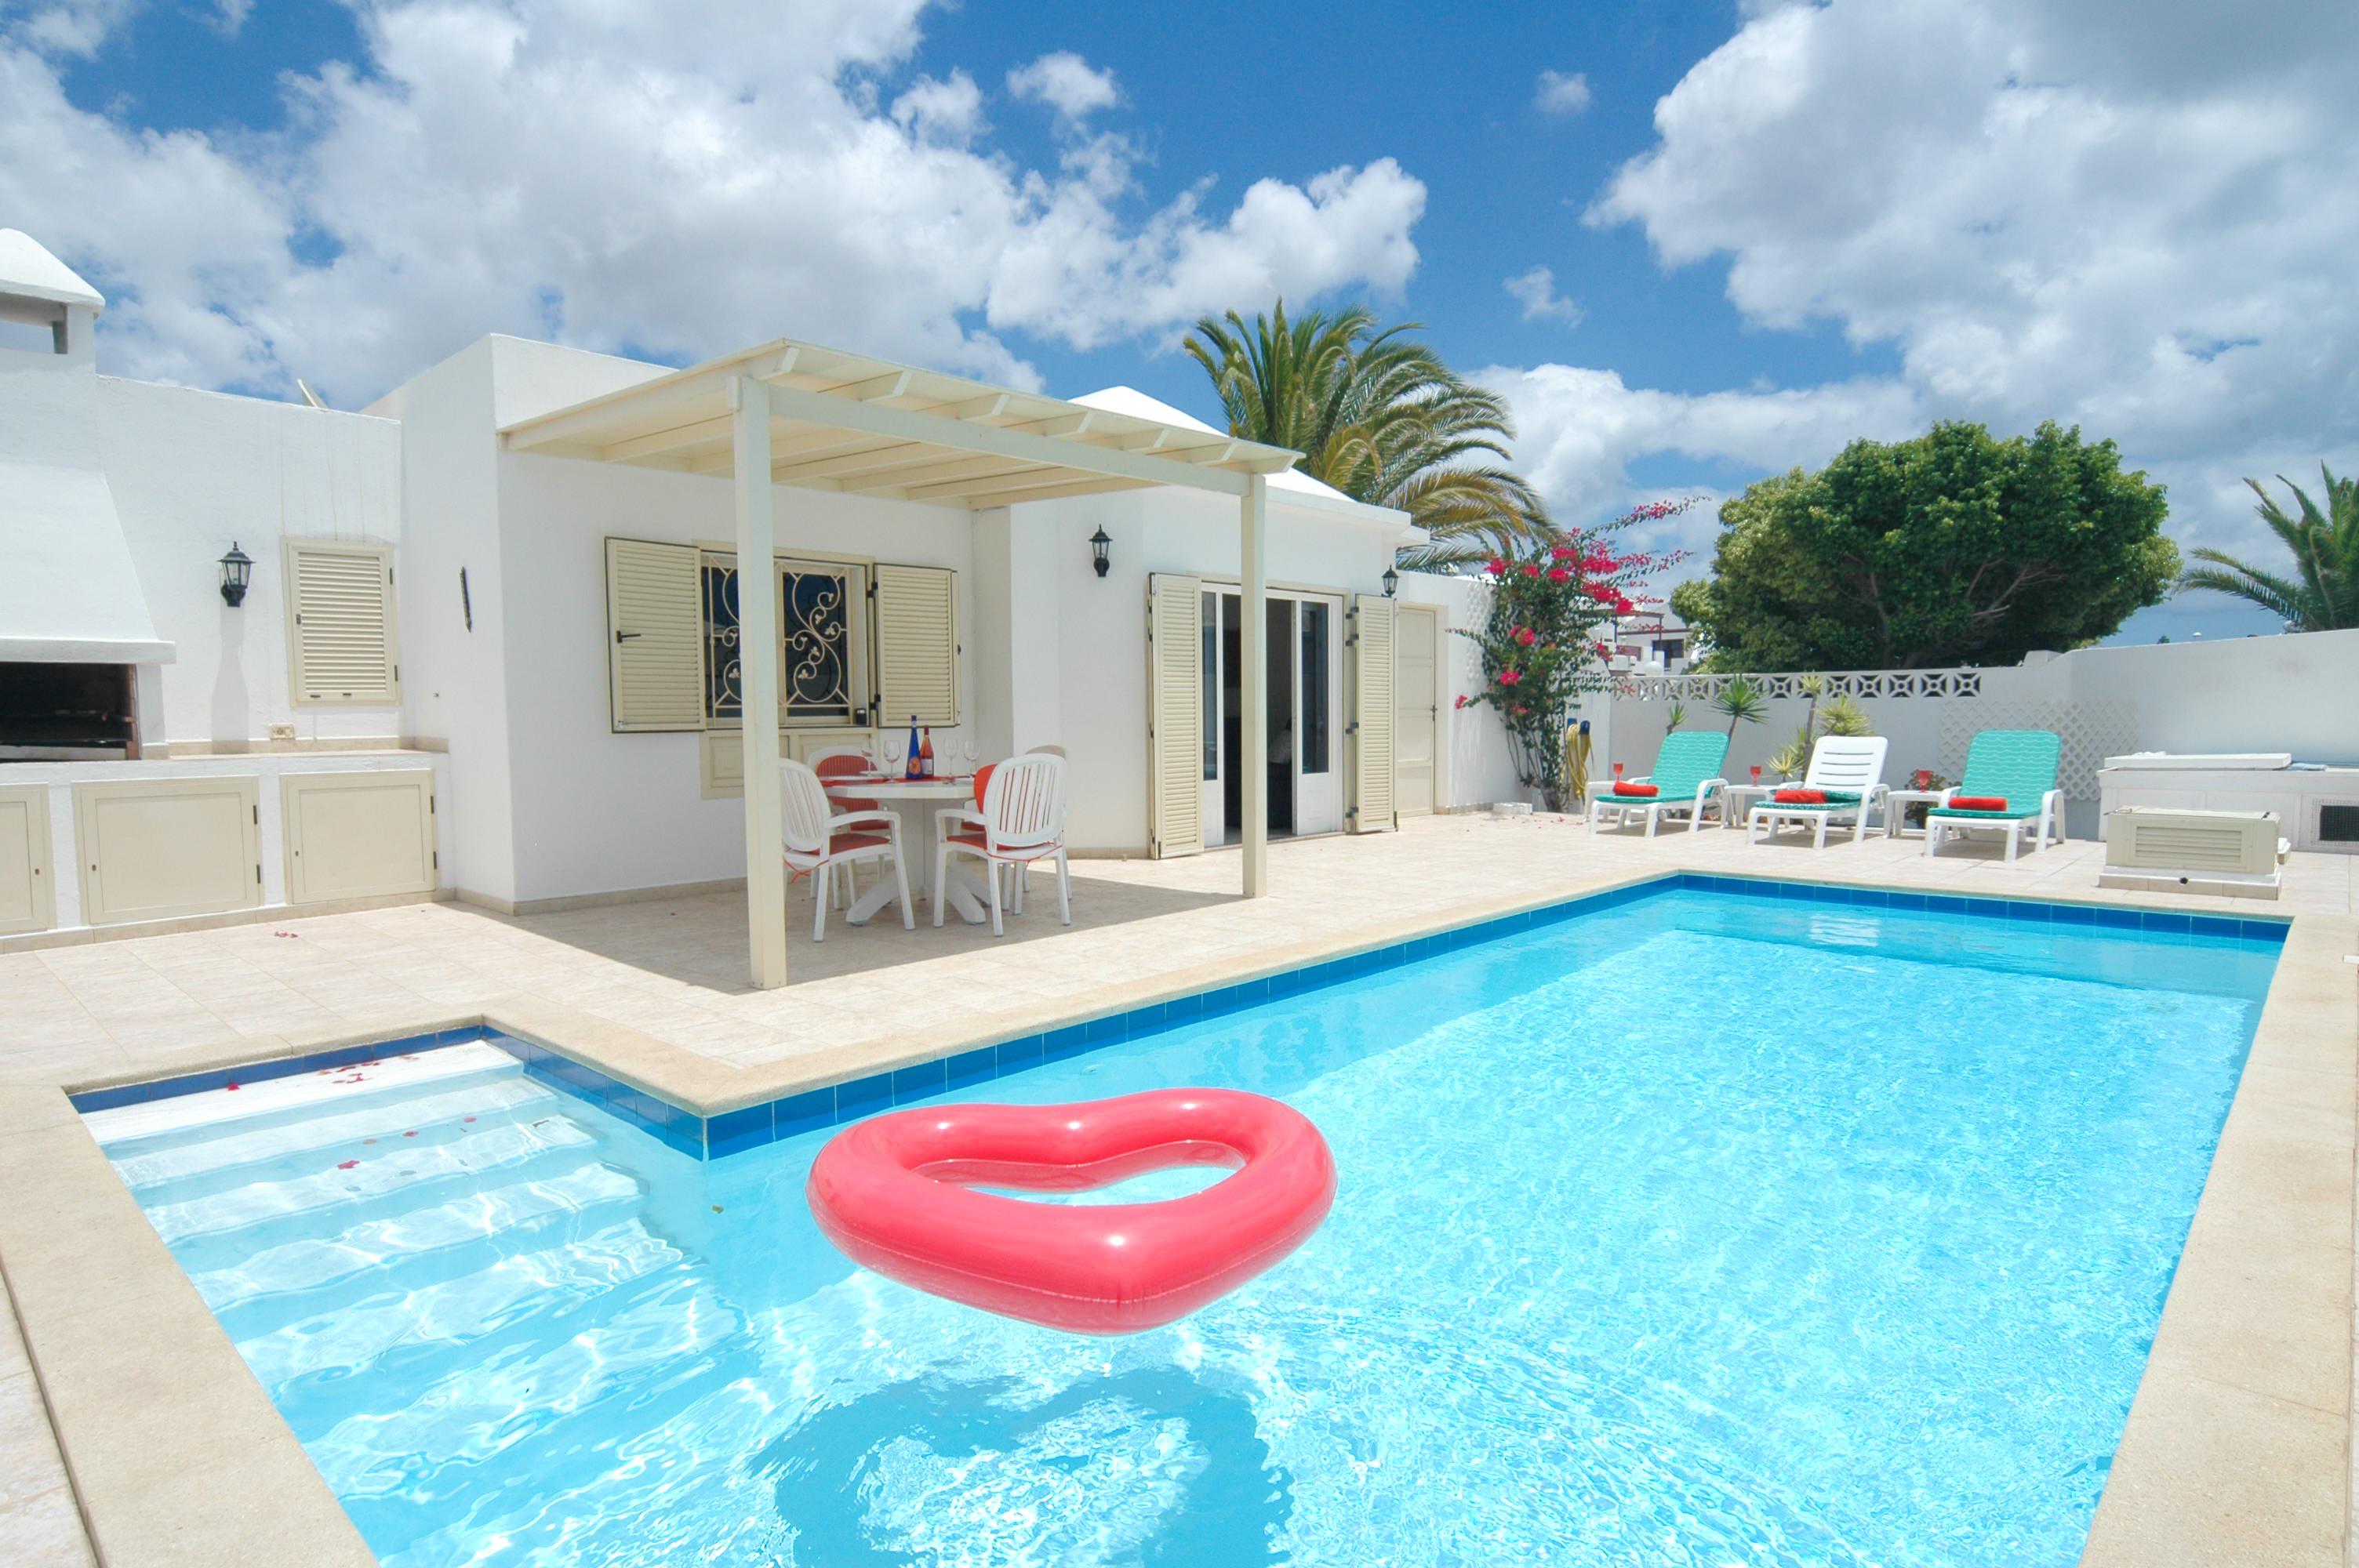 LVC212405 villa with 3 bedrooms in Puerto del Carmen